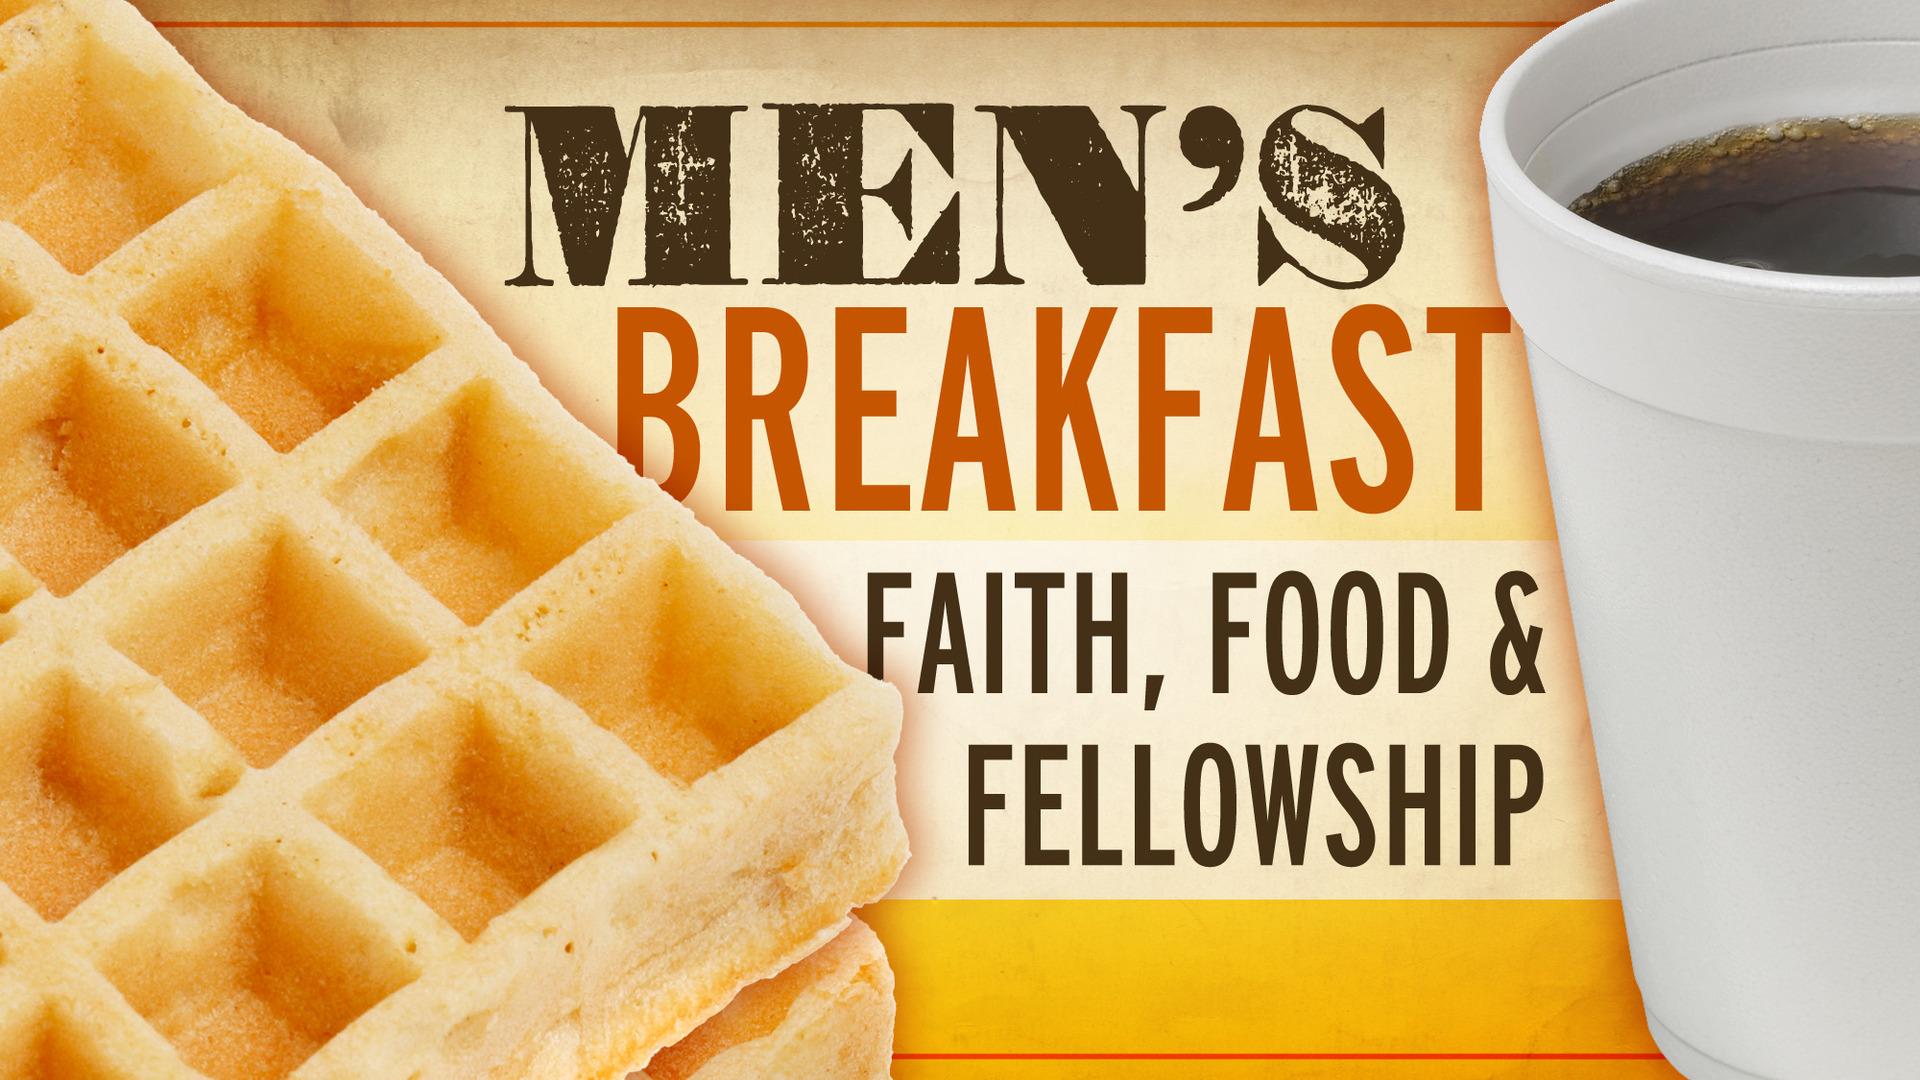 men_s_breakfast-title-1-still-16x9.jpg